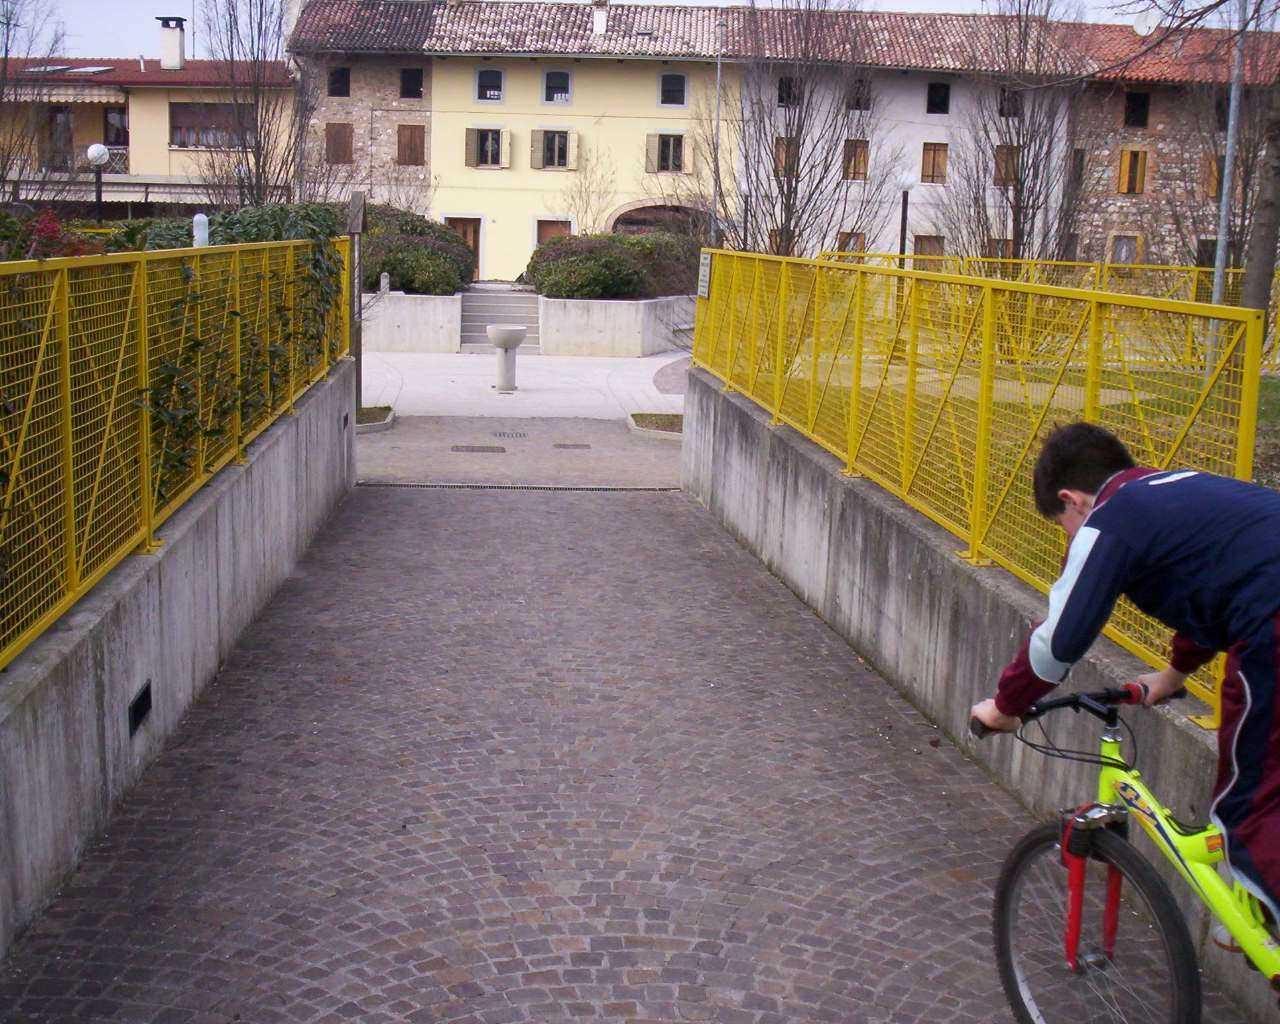 Piazza-Parco-Colloredo-di-Prato_042